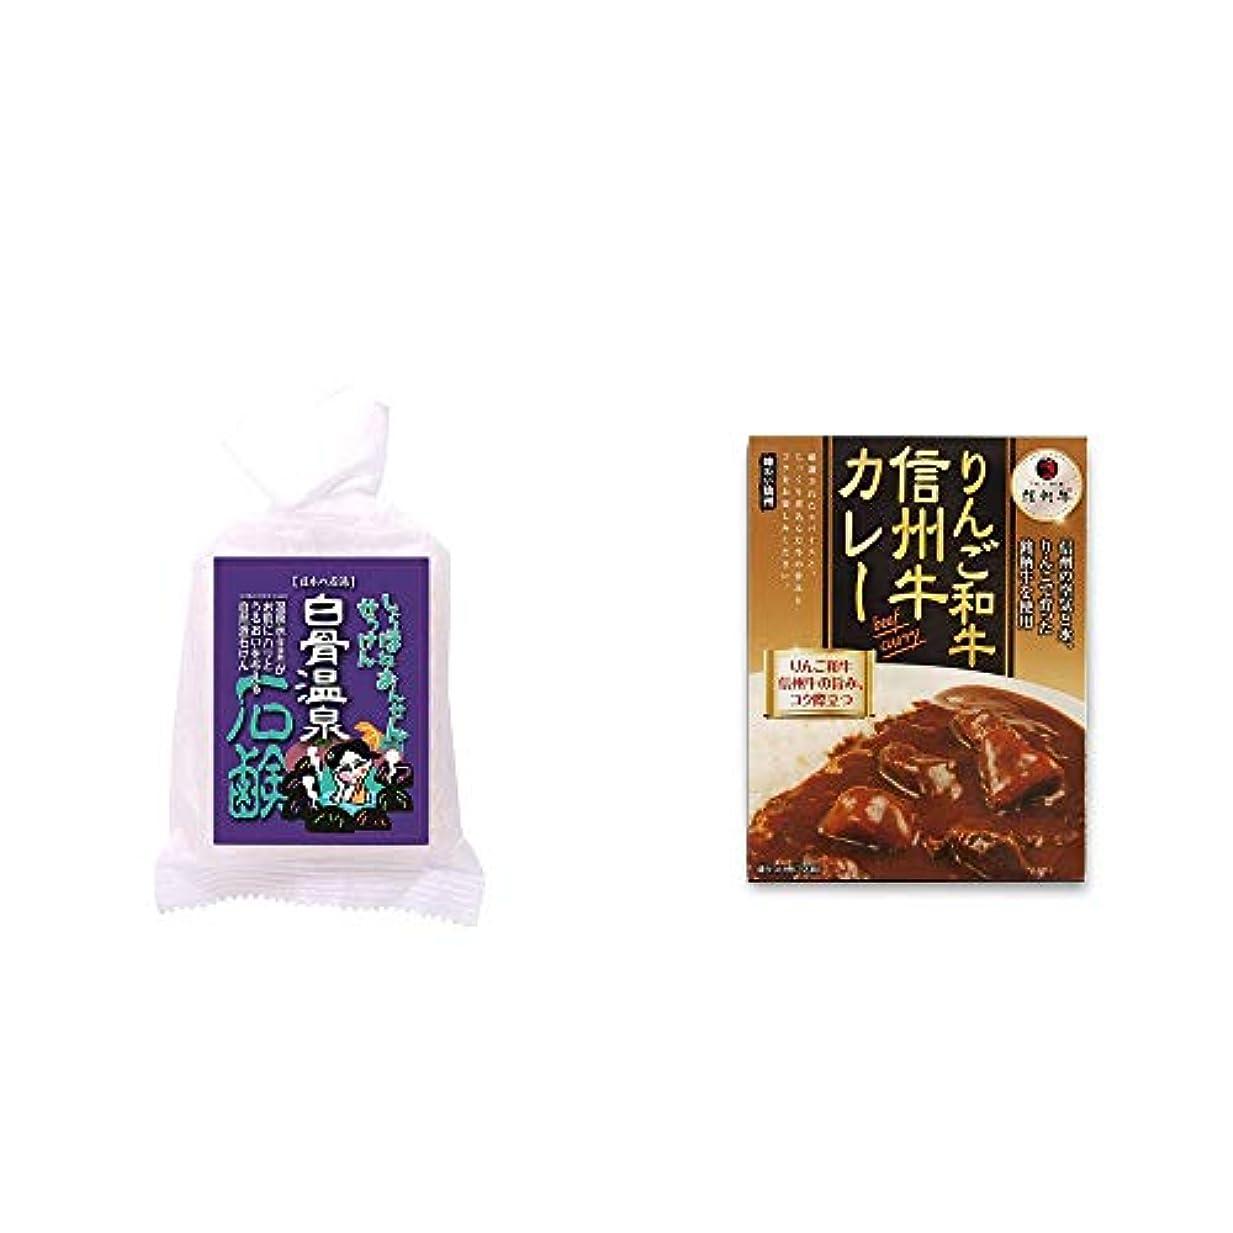 健康チョーク適度に[2点セット] 信州 白骨温泉石鹸(80g)?りんご和牛 信州牛カレー(1食分)